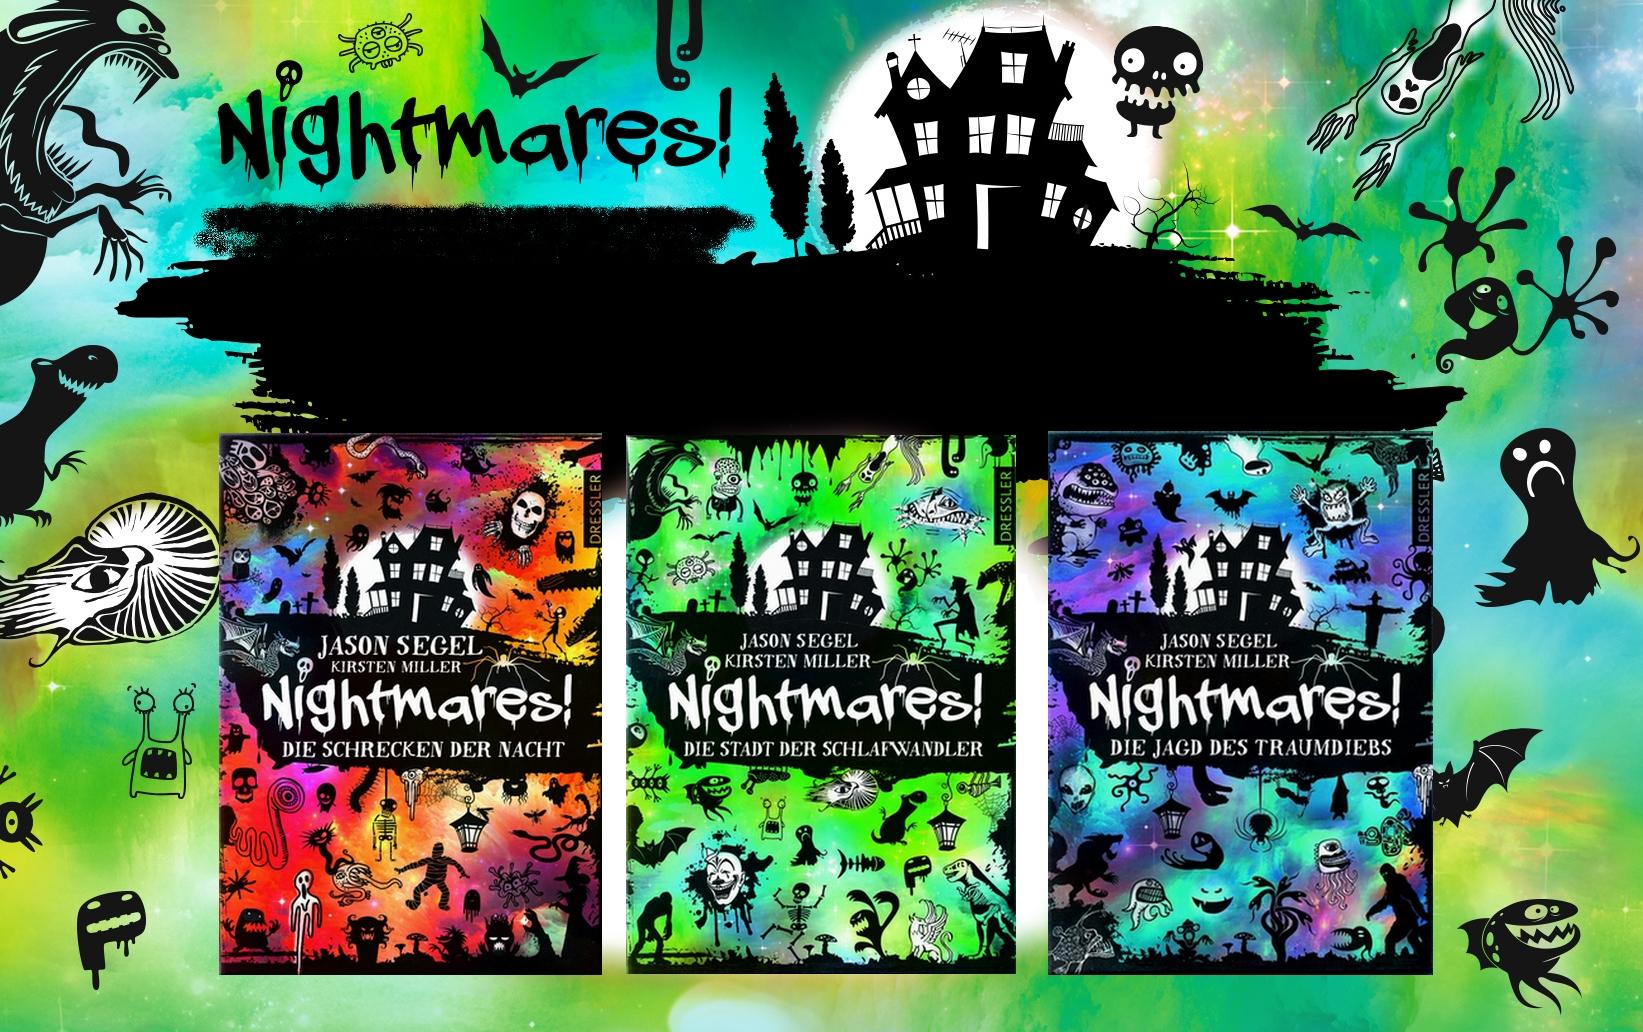 Nightmares! – Trilogie